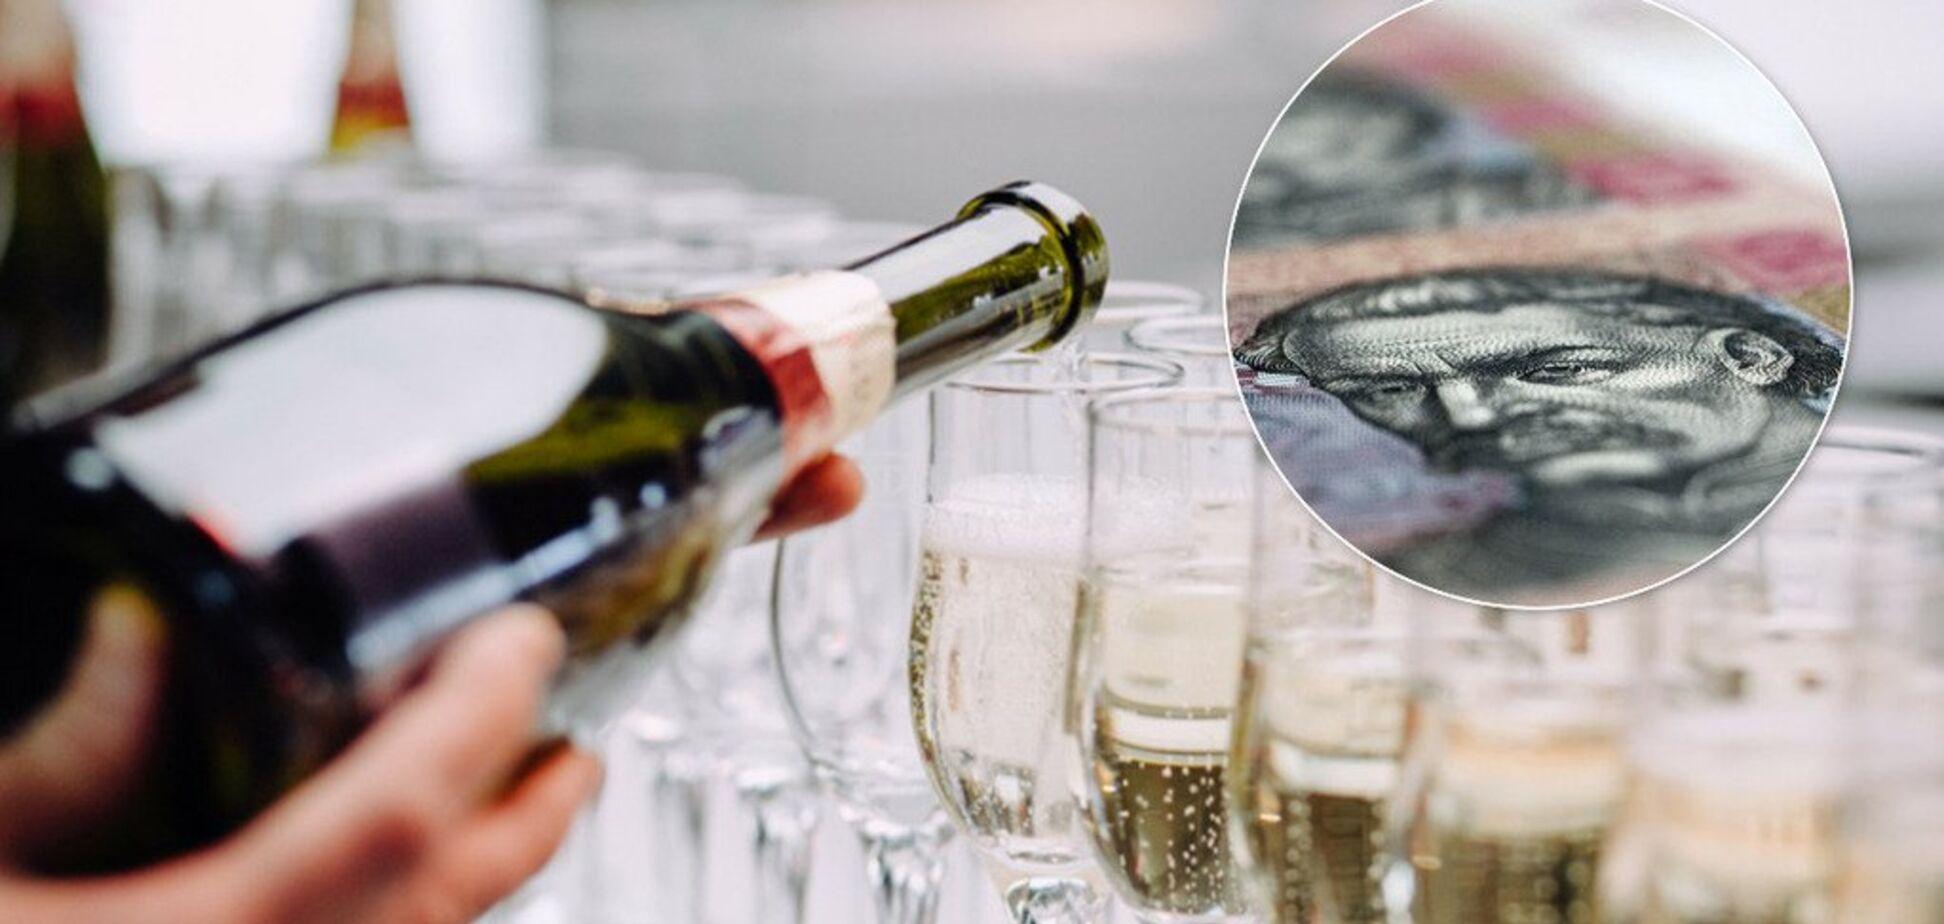 Велике держпідприємство скасував закупівлю алкоголю на сотні тисяч гривень через коронавірус